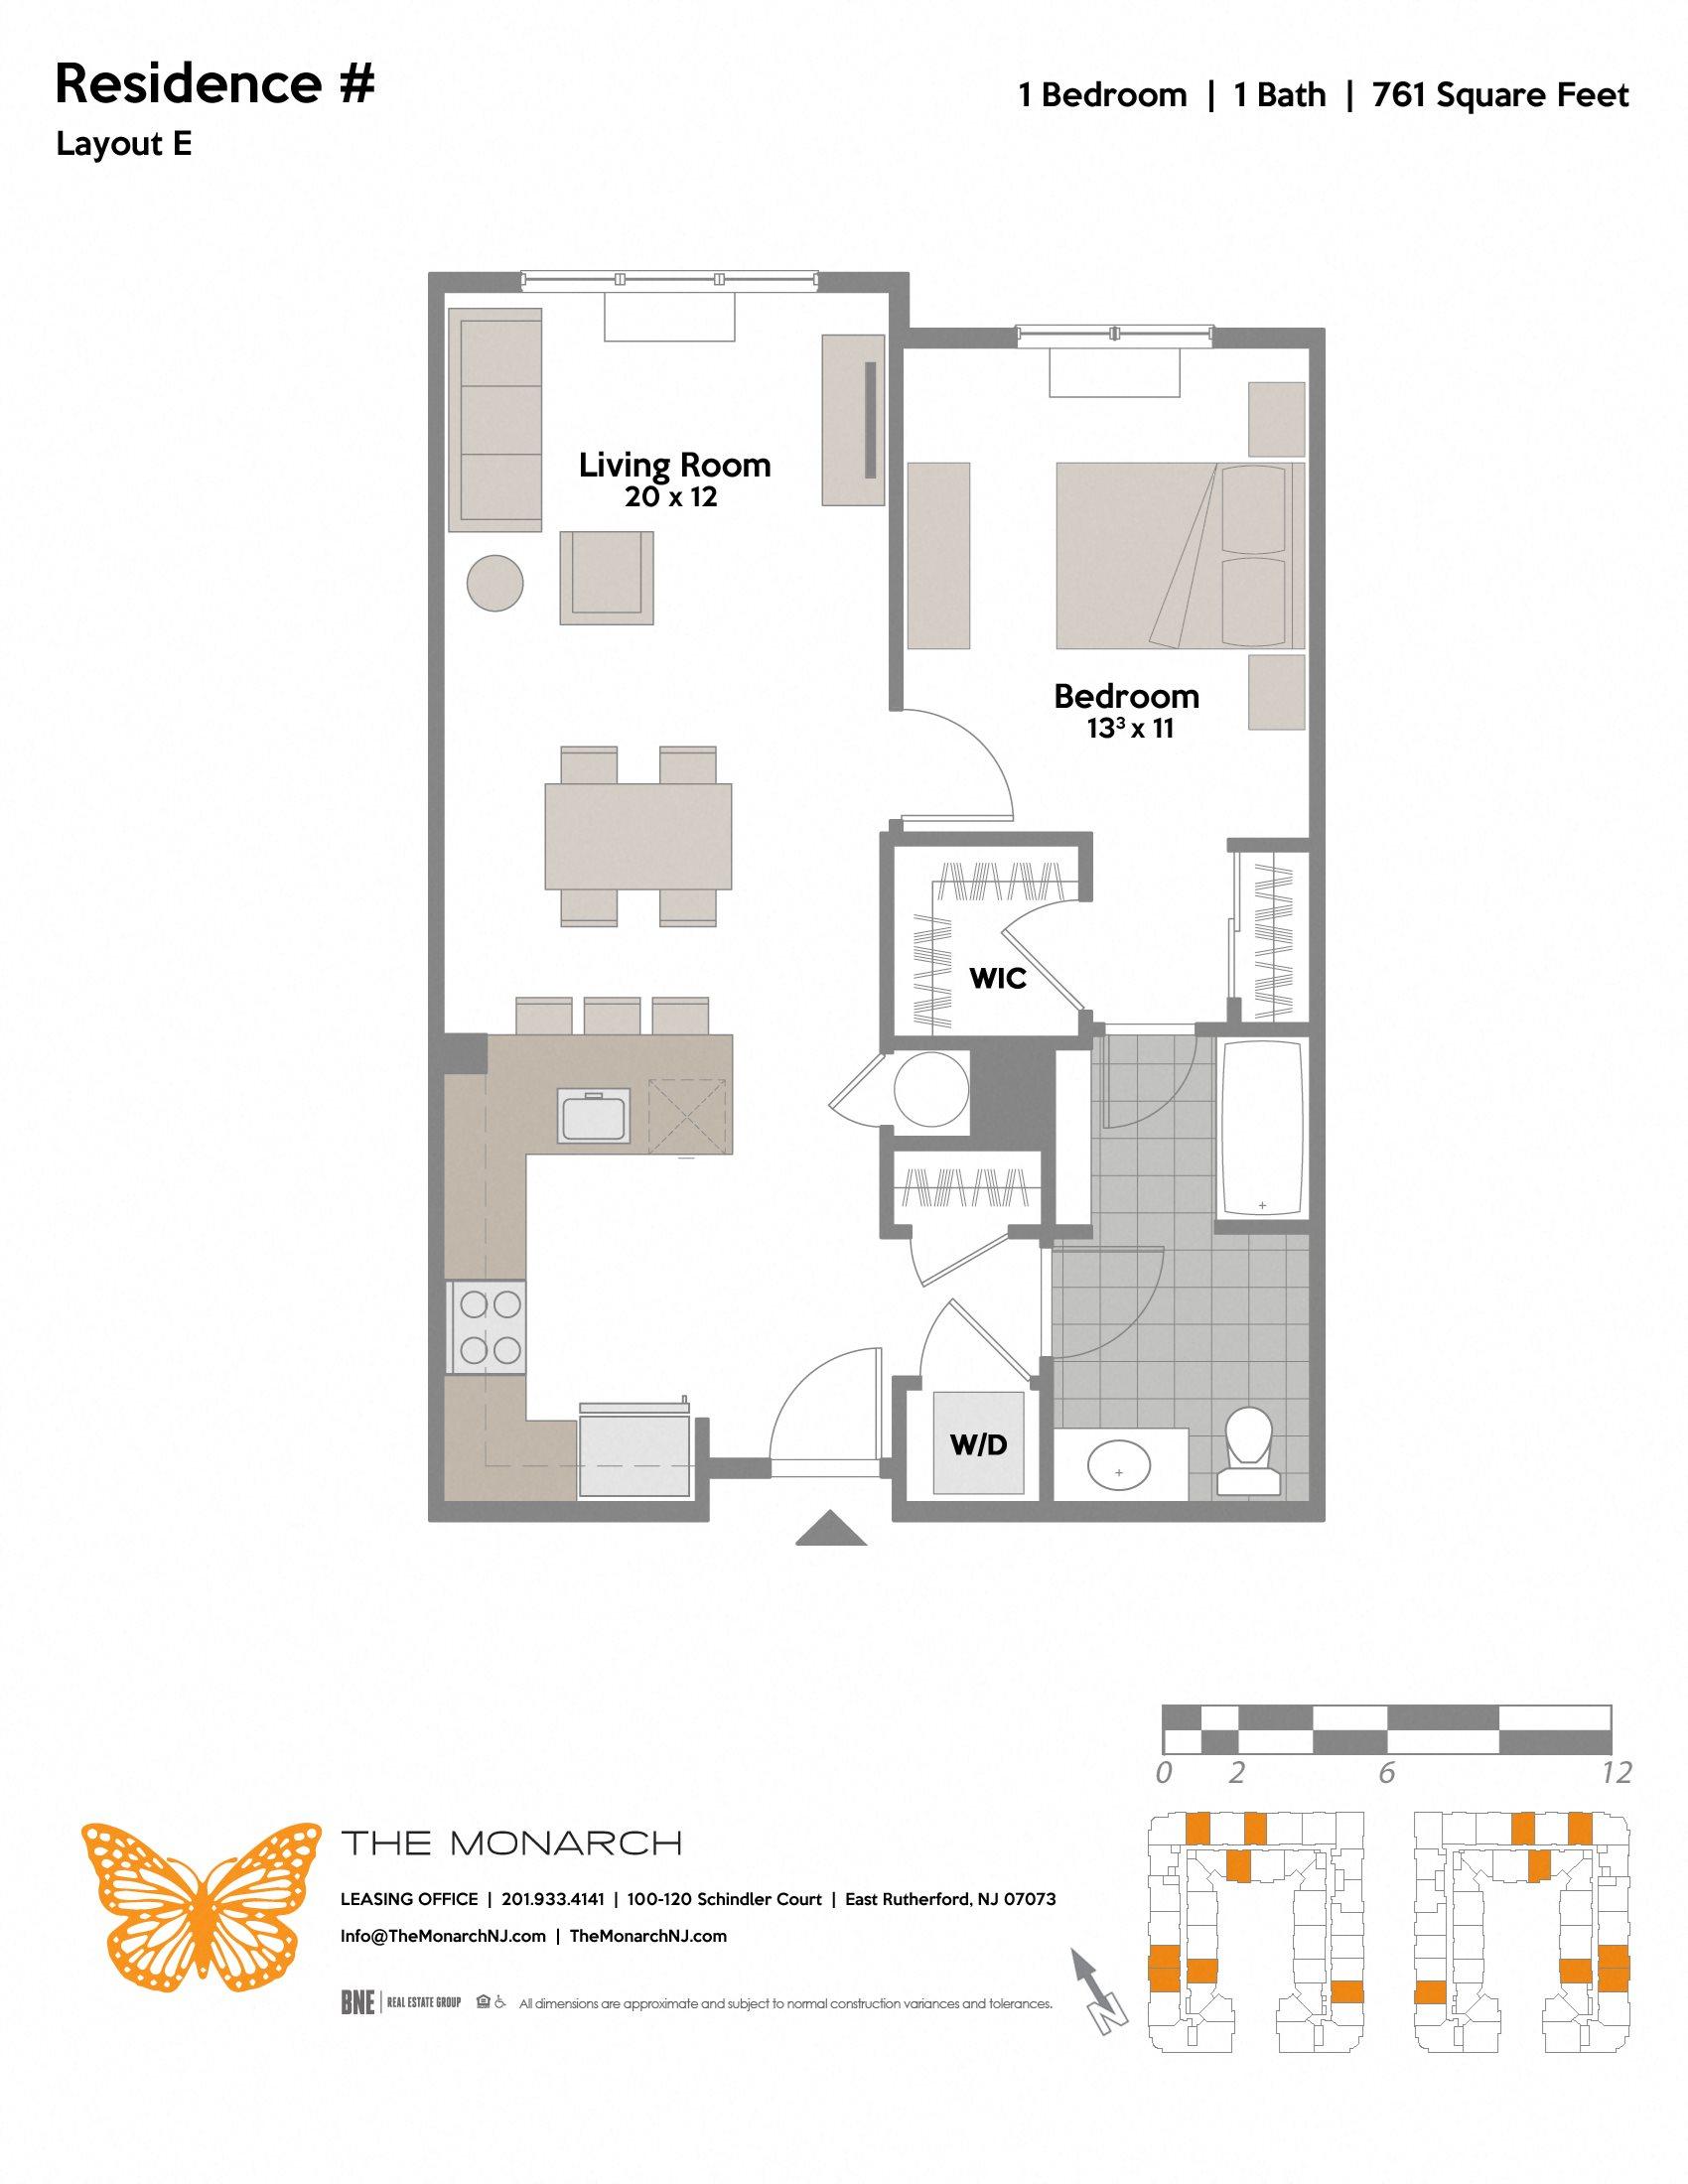 Layout E Floor Plan 1